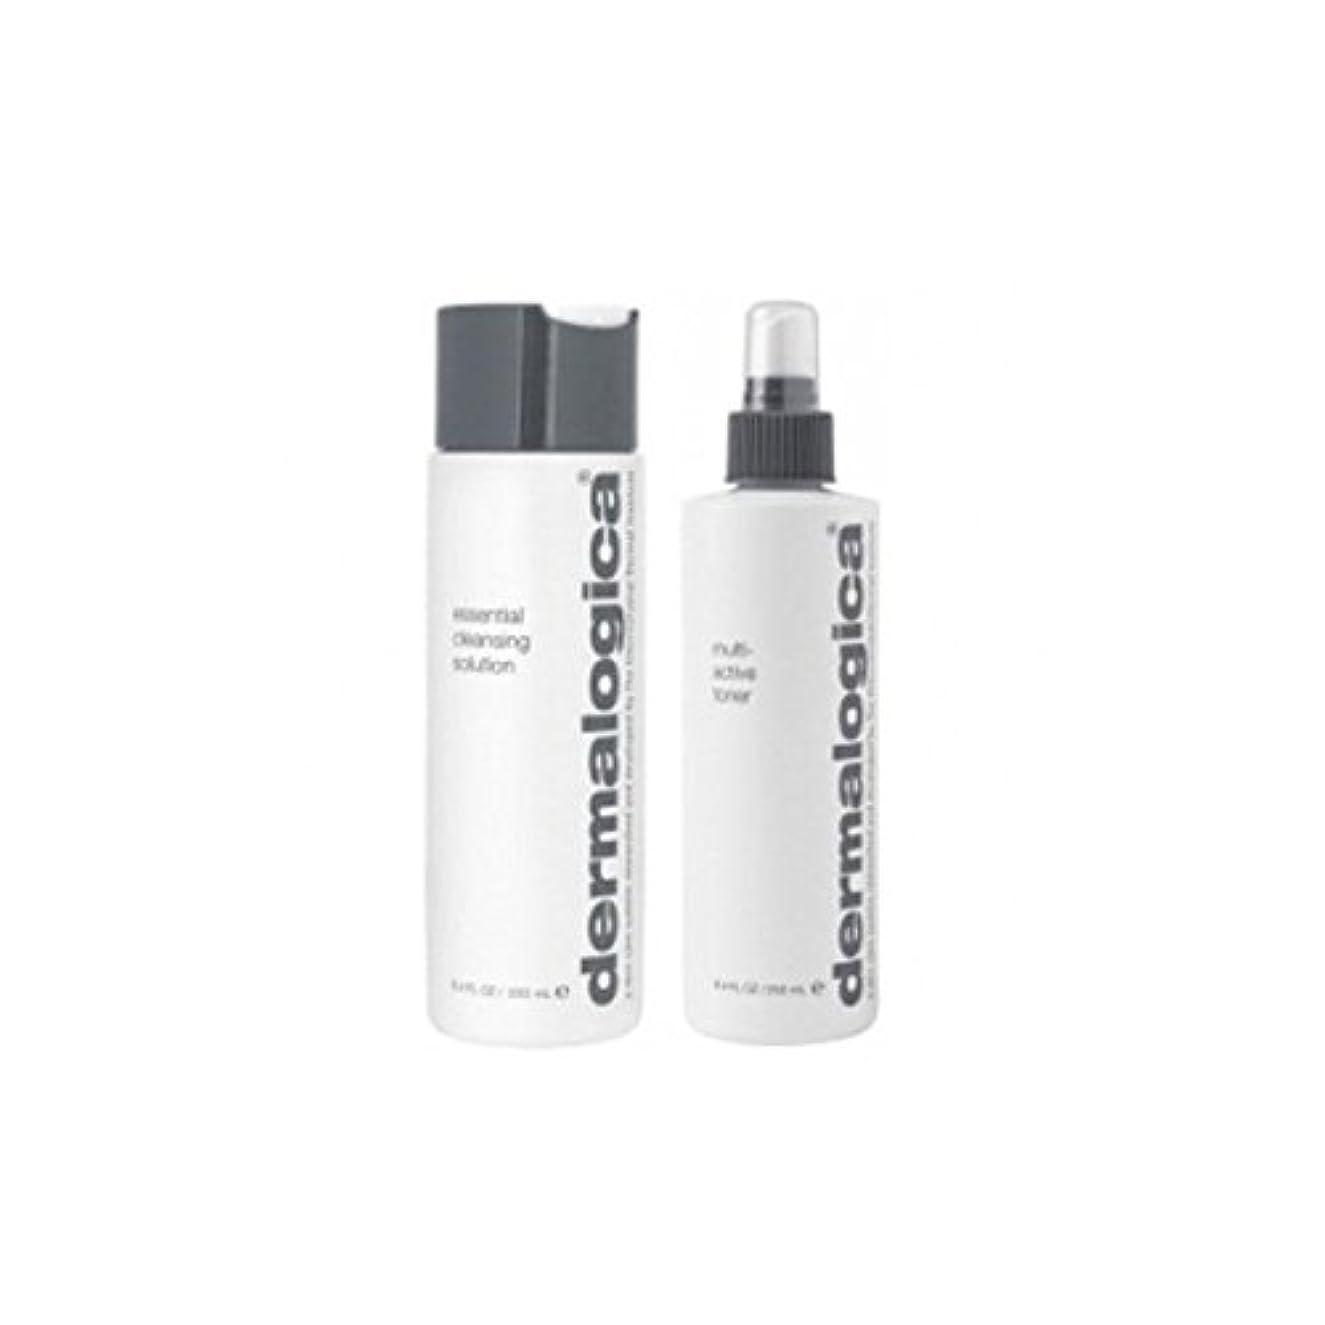 悲鳴主張租界ダーマロジカクレンジング&トーンデュオ - 乾燥肌 x4 - Dermalogica Cleanse & Tone Duo - Dry Skin (Pack of 4) [並行輸入品]